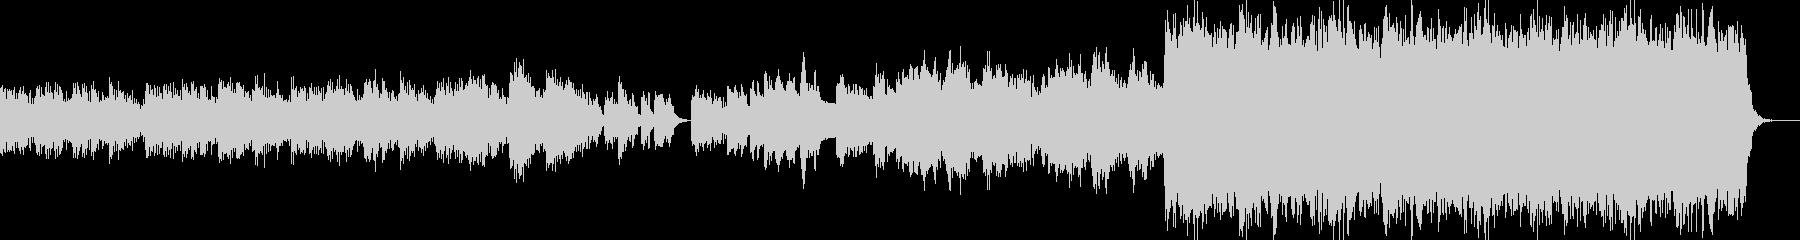 謎に満ちたピアノのリフは、奇妙な緊...の未再生の波形